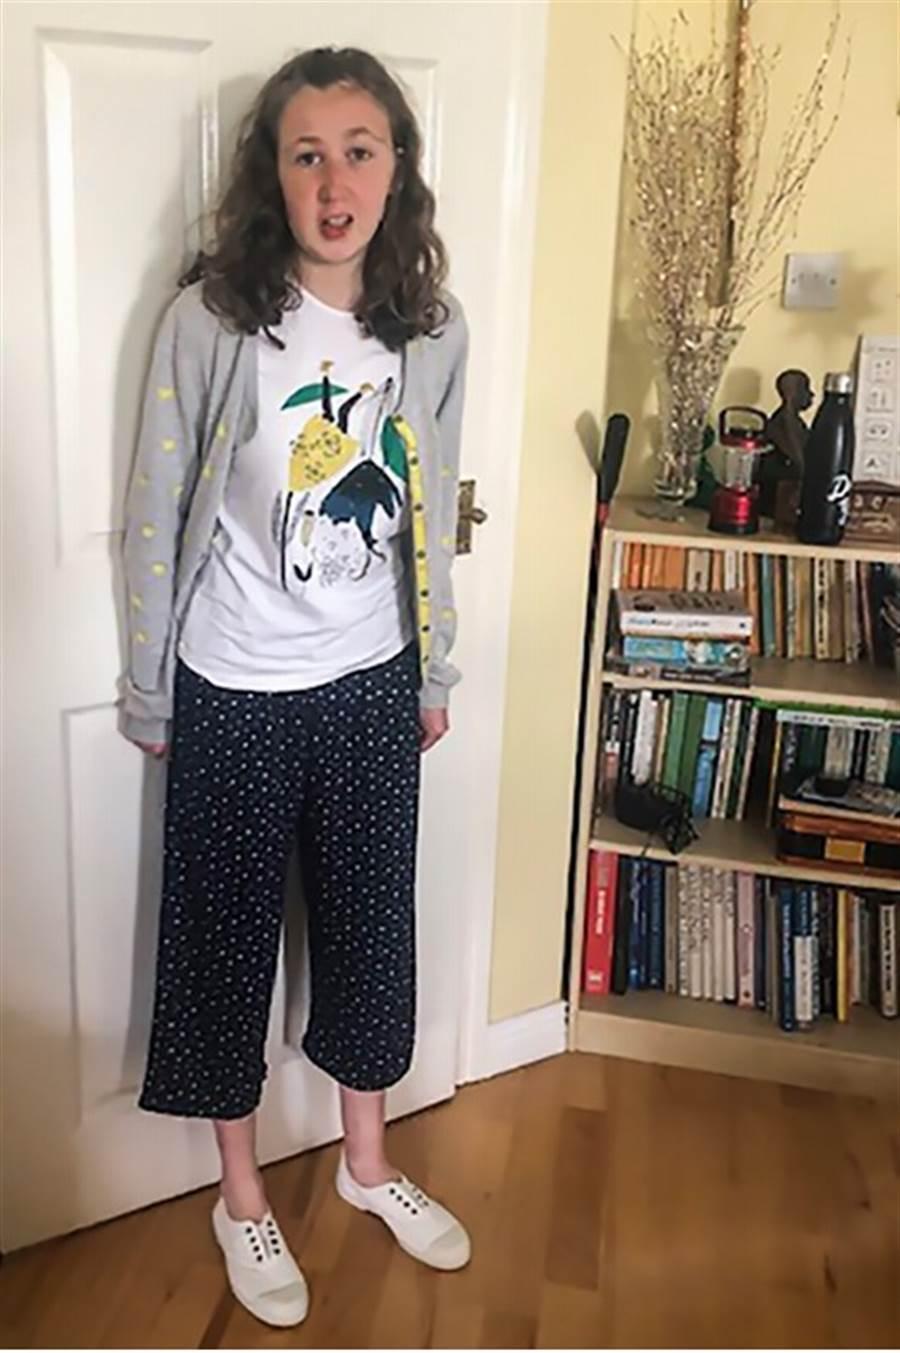 失蹤的愛爾蘭少女奎爾林可能死於腸胃道出血。(法新社)